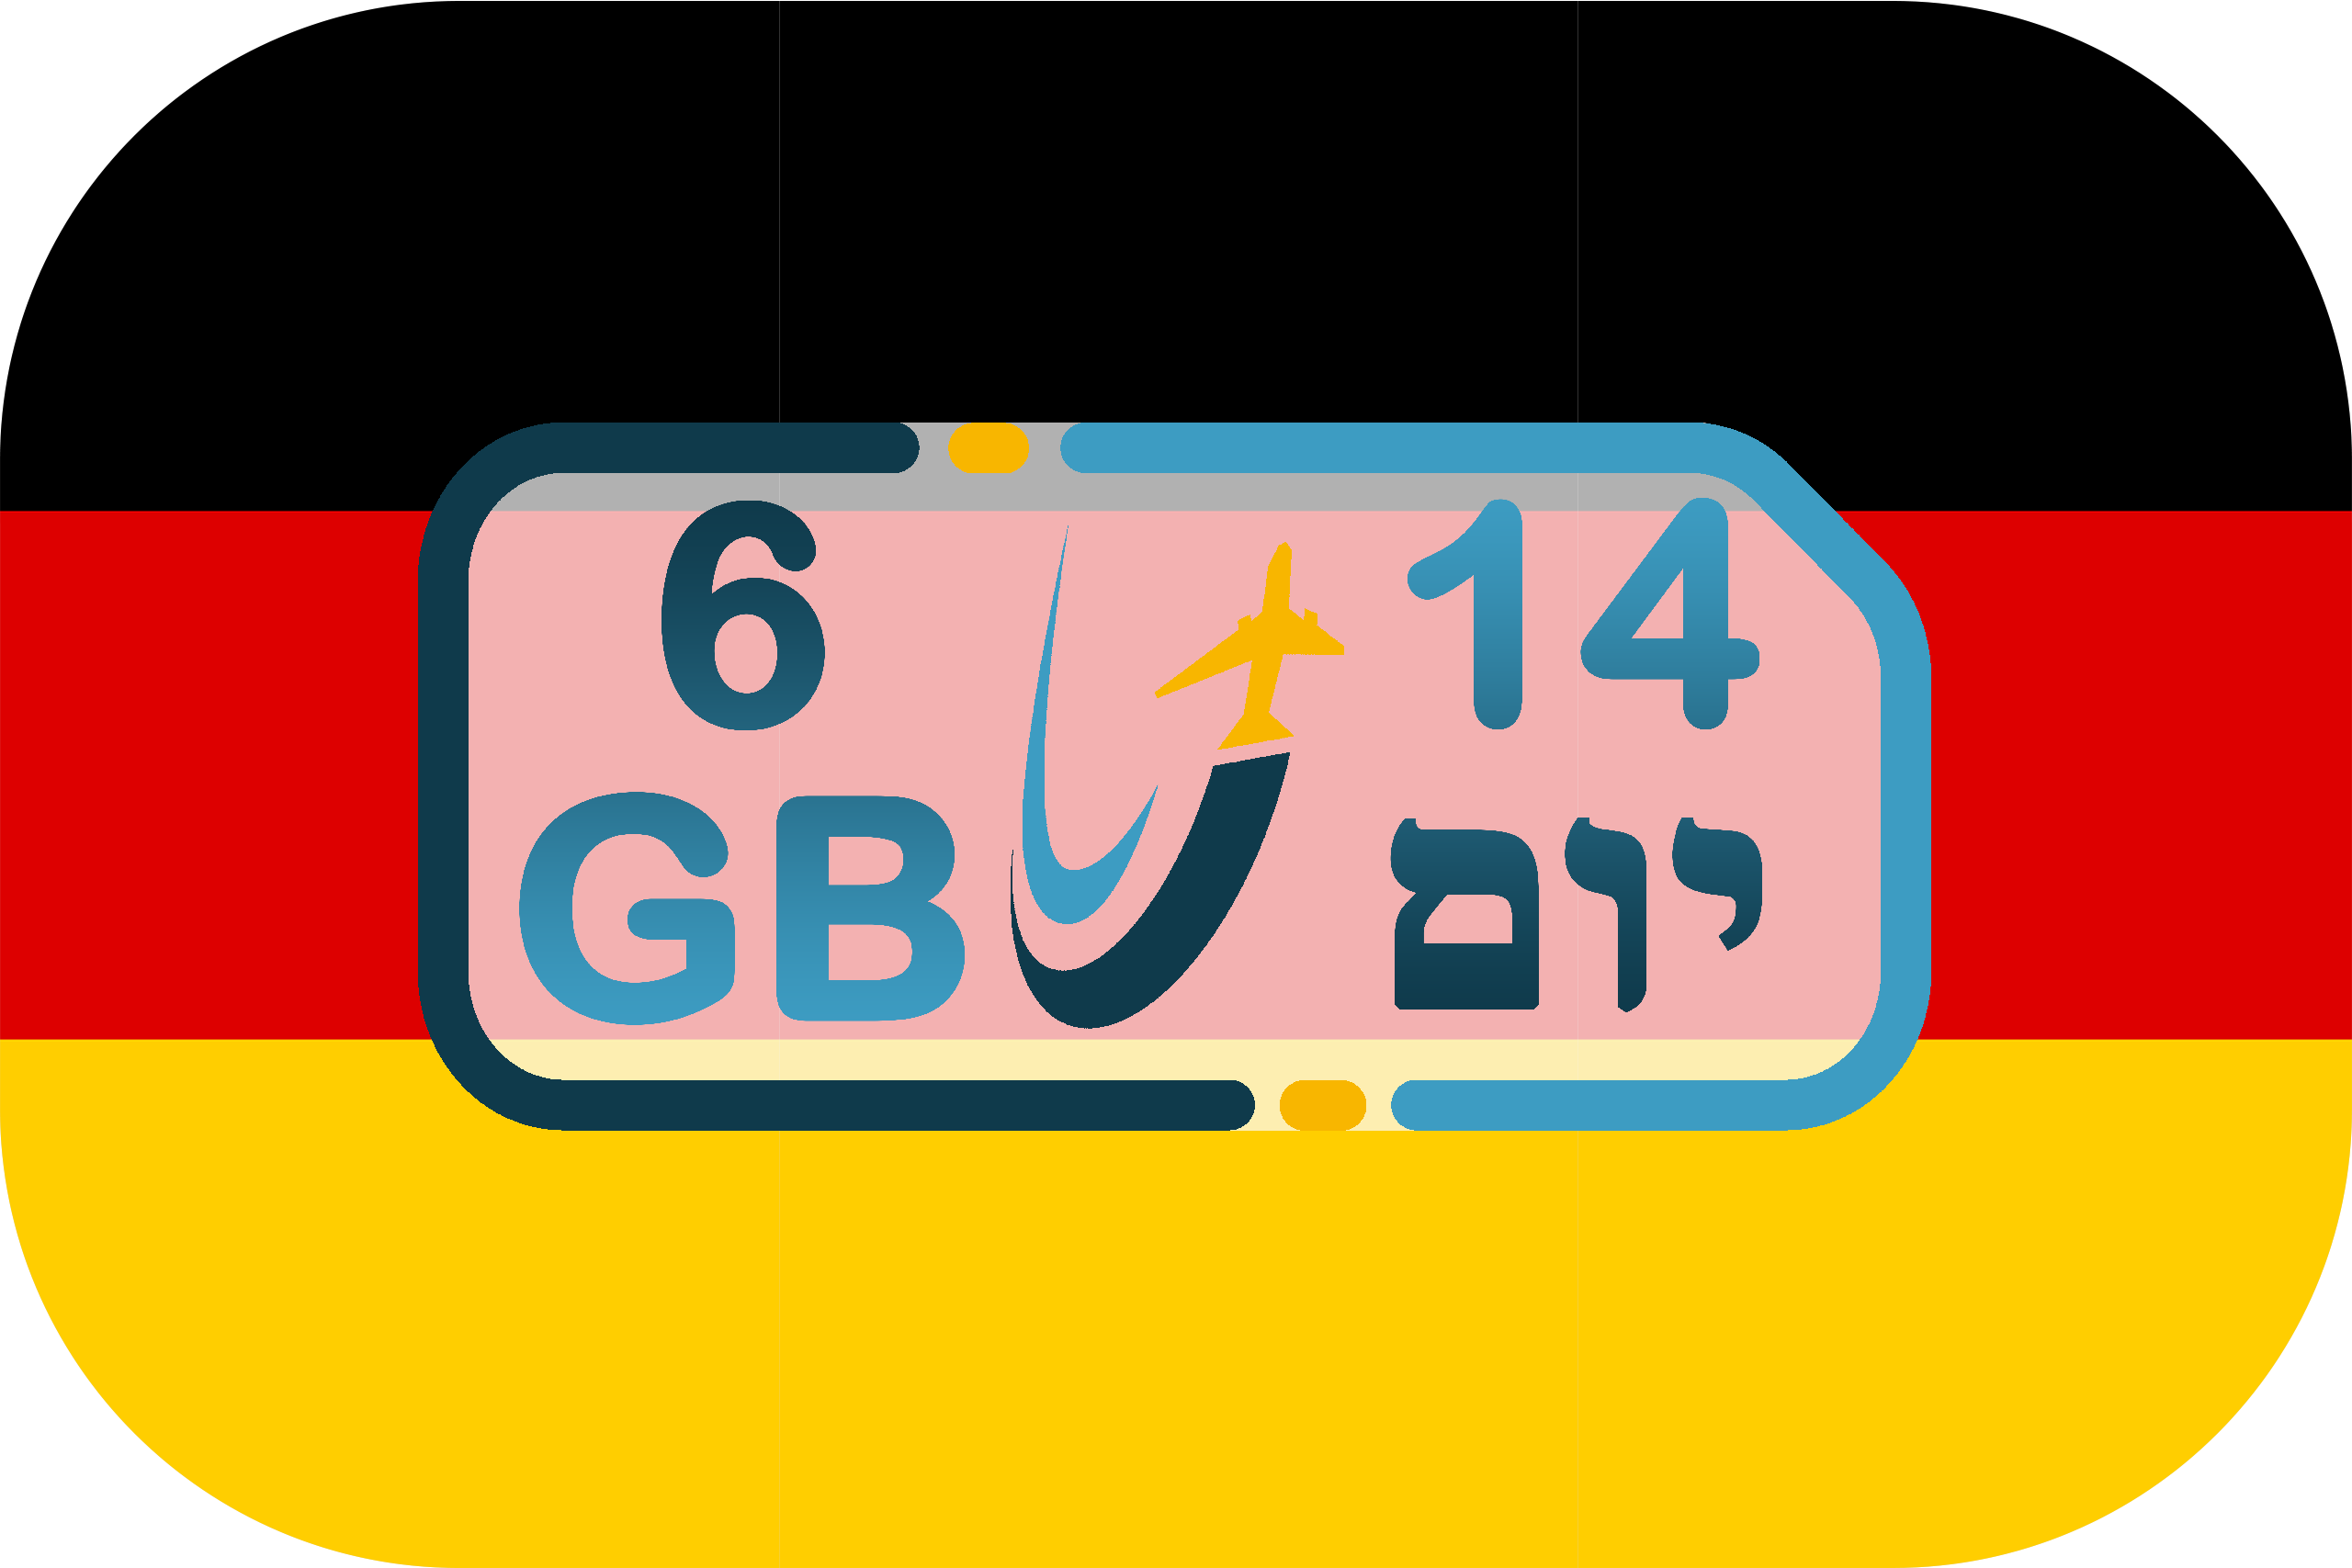 כרטיס סים בגרמניה – גלישה 6GB (בתוקף ל- 14 יום)